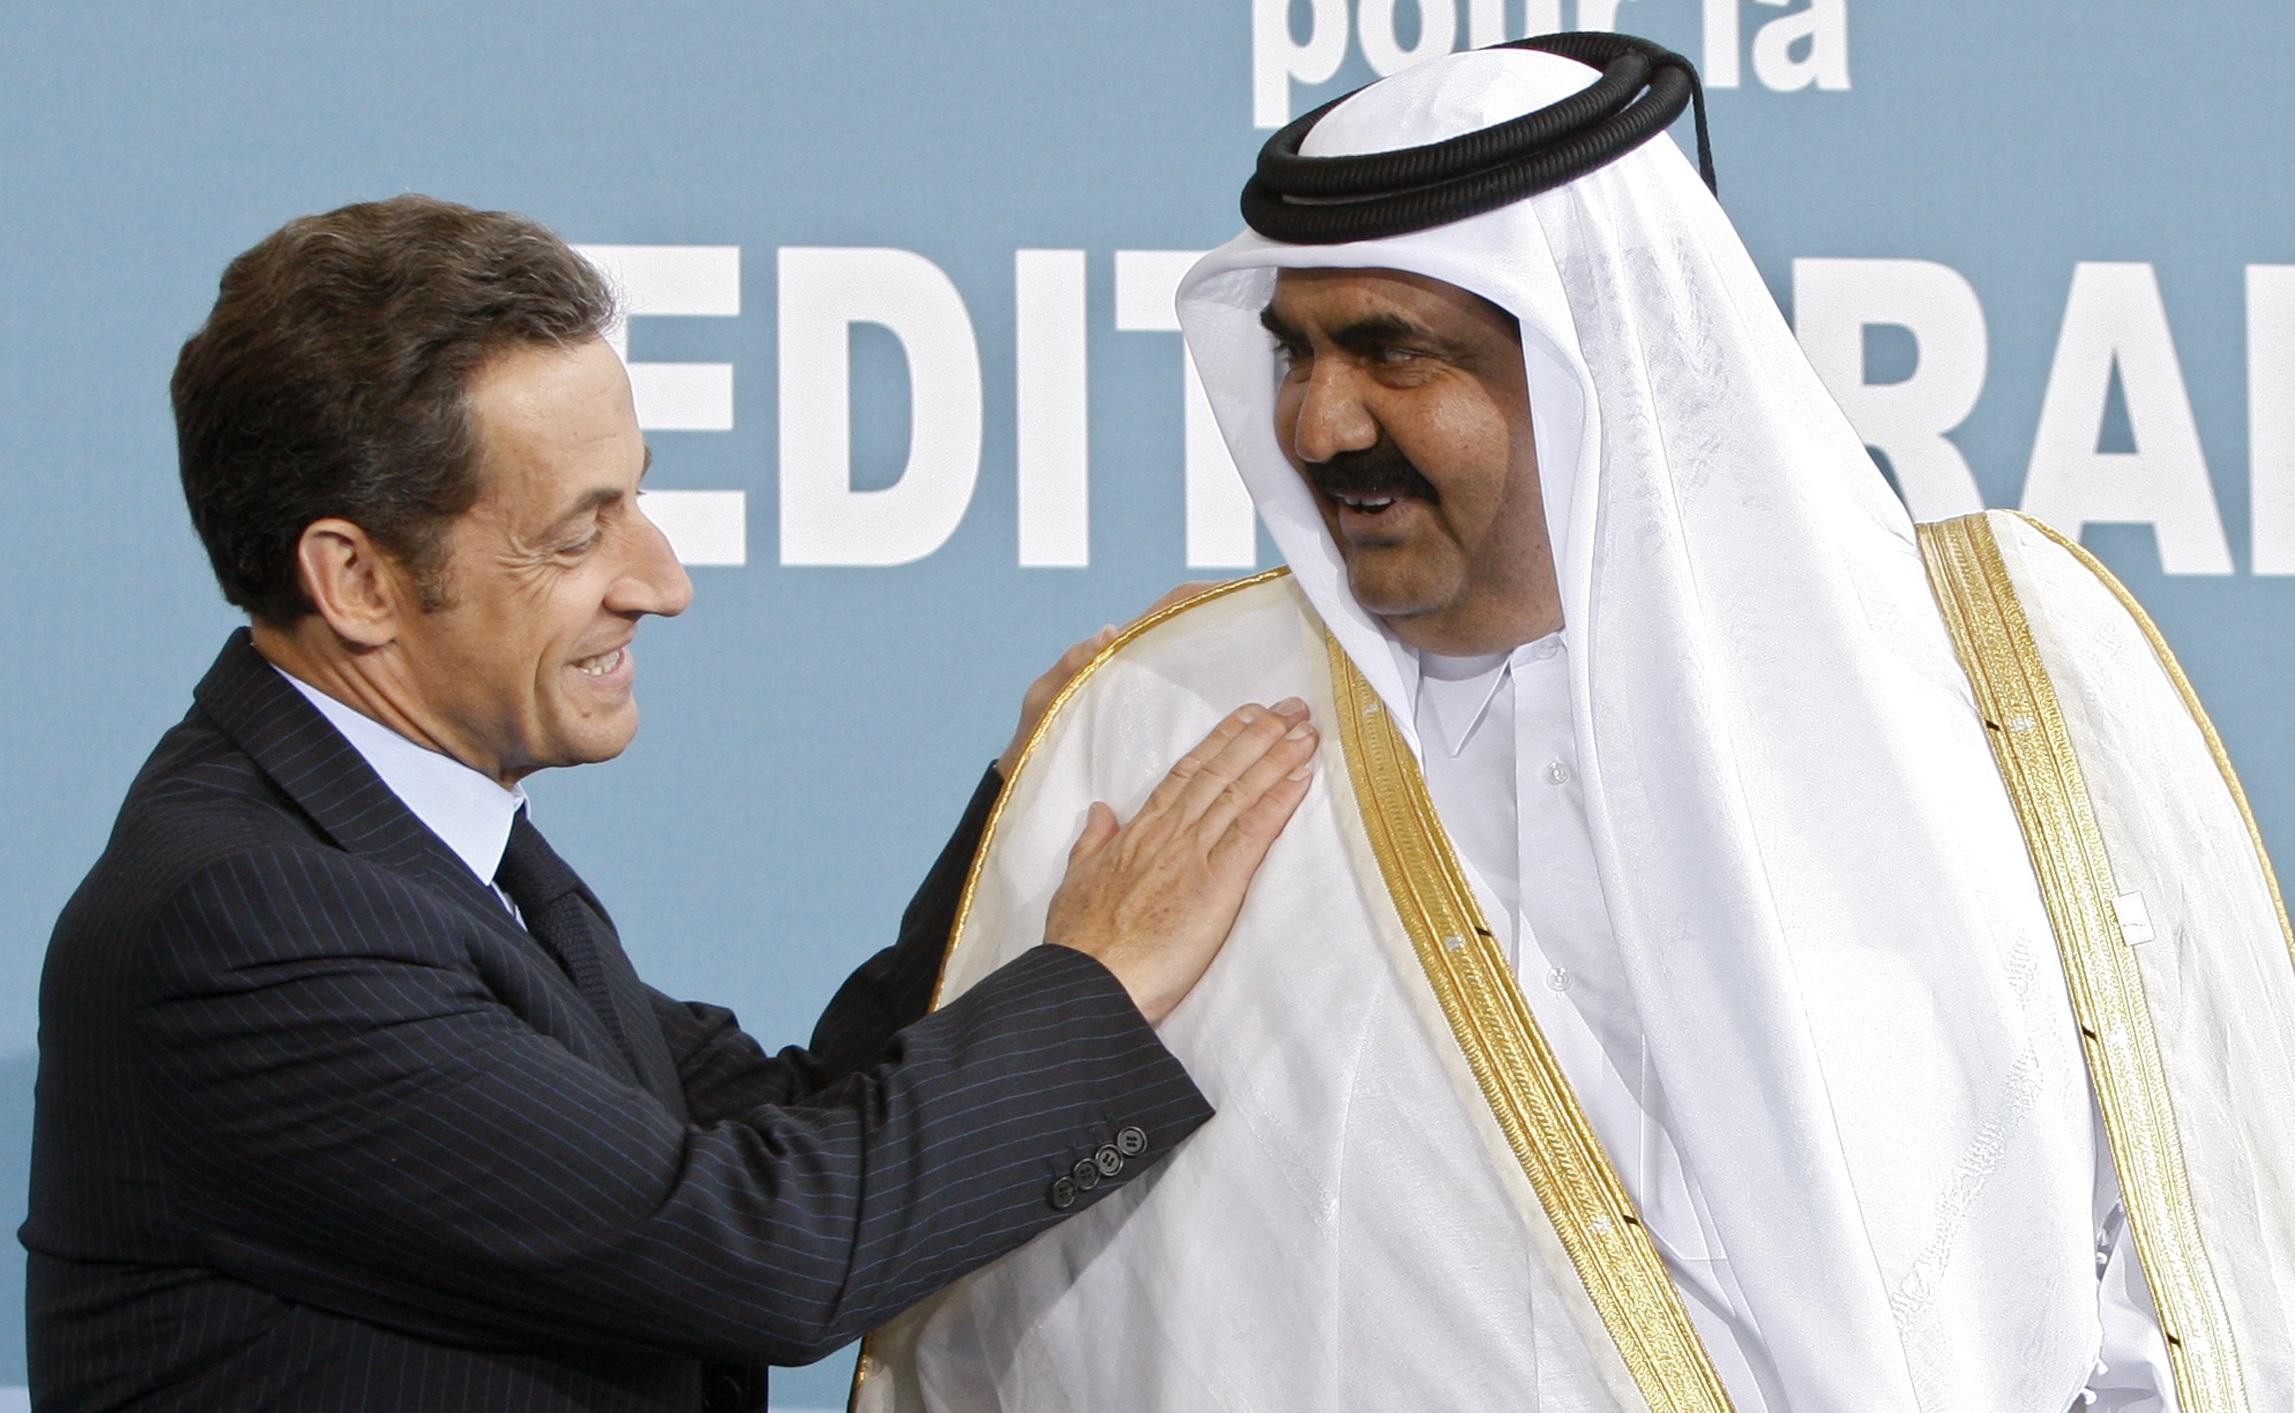 """Résultat de recherche d'images pour """"photo de sarkozy avec l emir du qatar"""""""